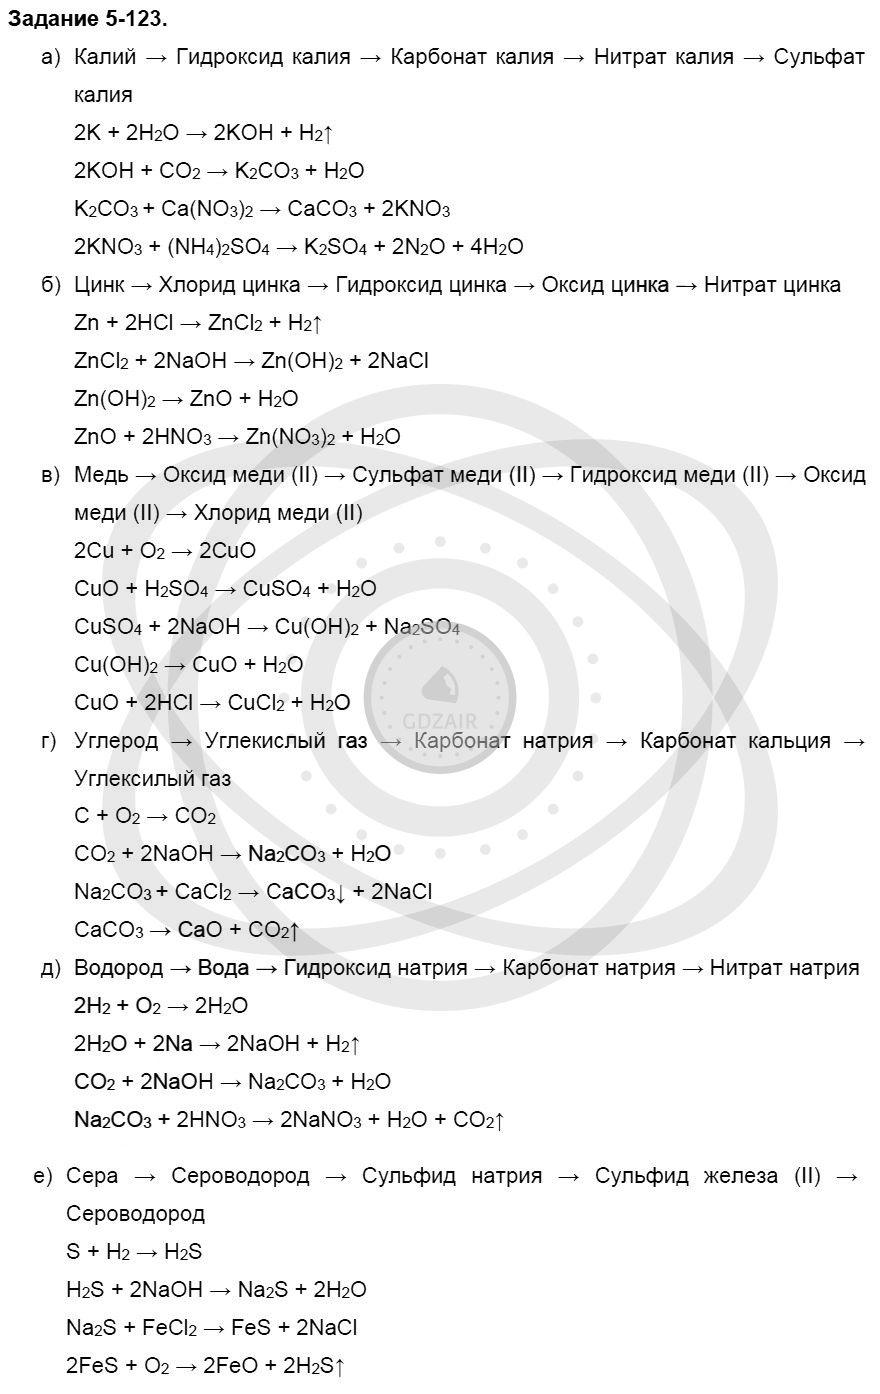 Химия 8 класс Кузнецова Н. Е. Глава 5. Основные классы неорганических соединений / Задания: 123